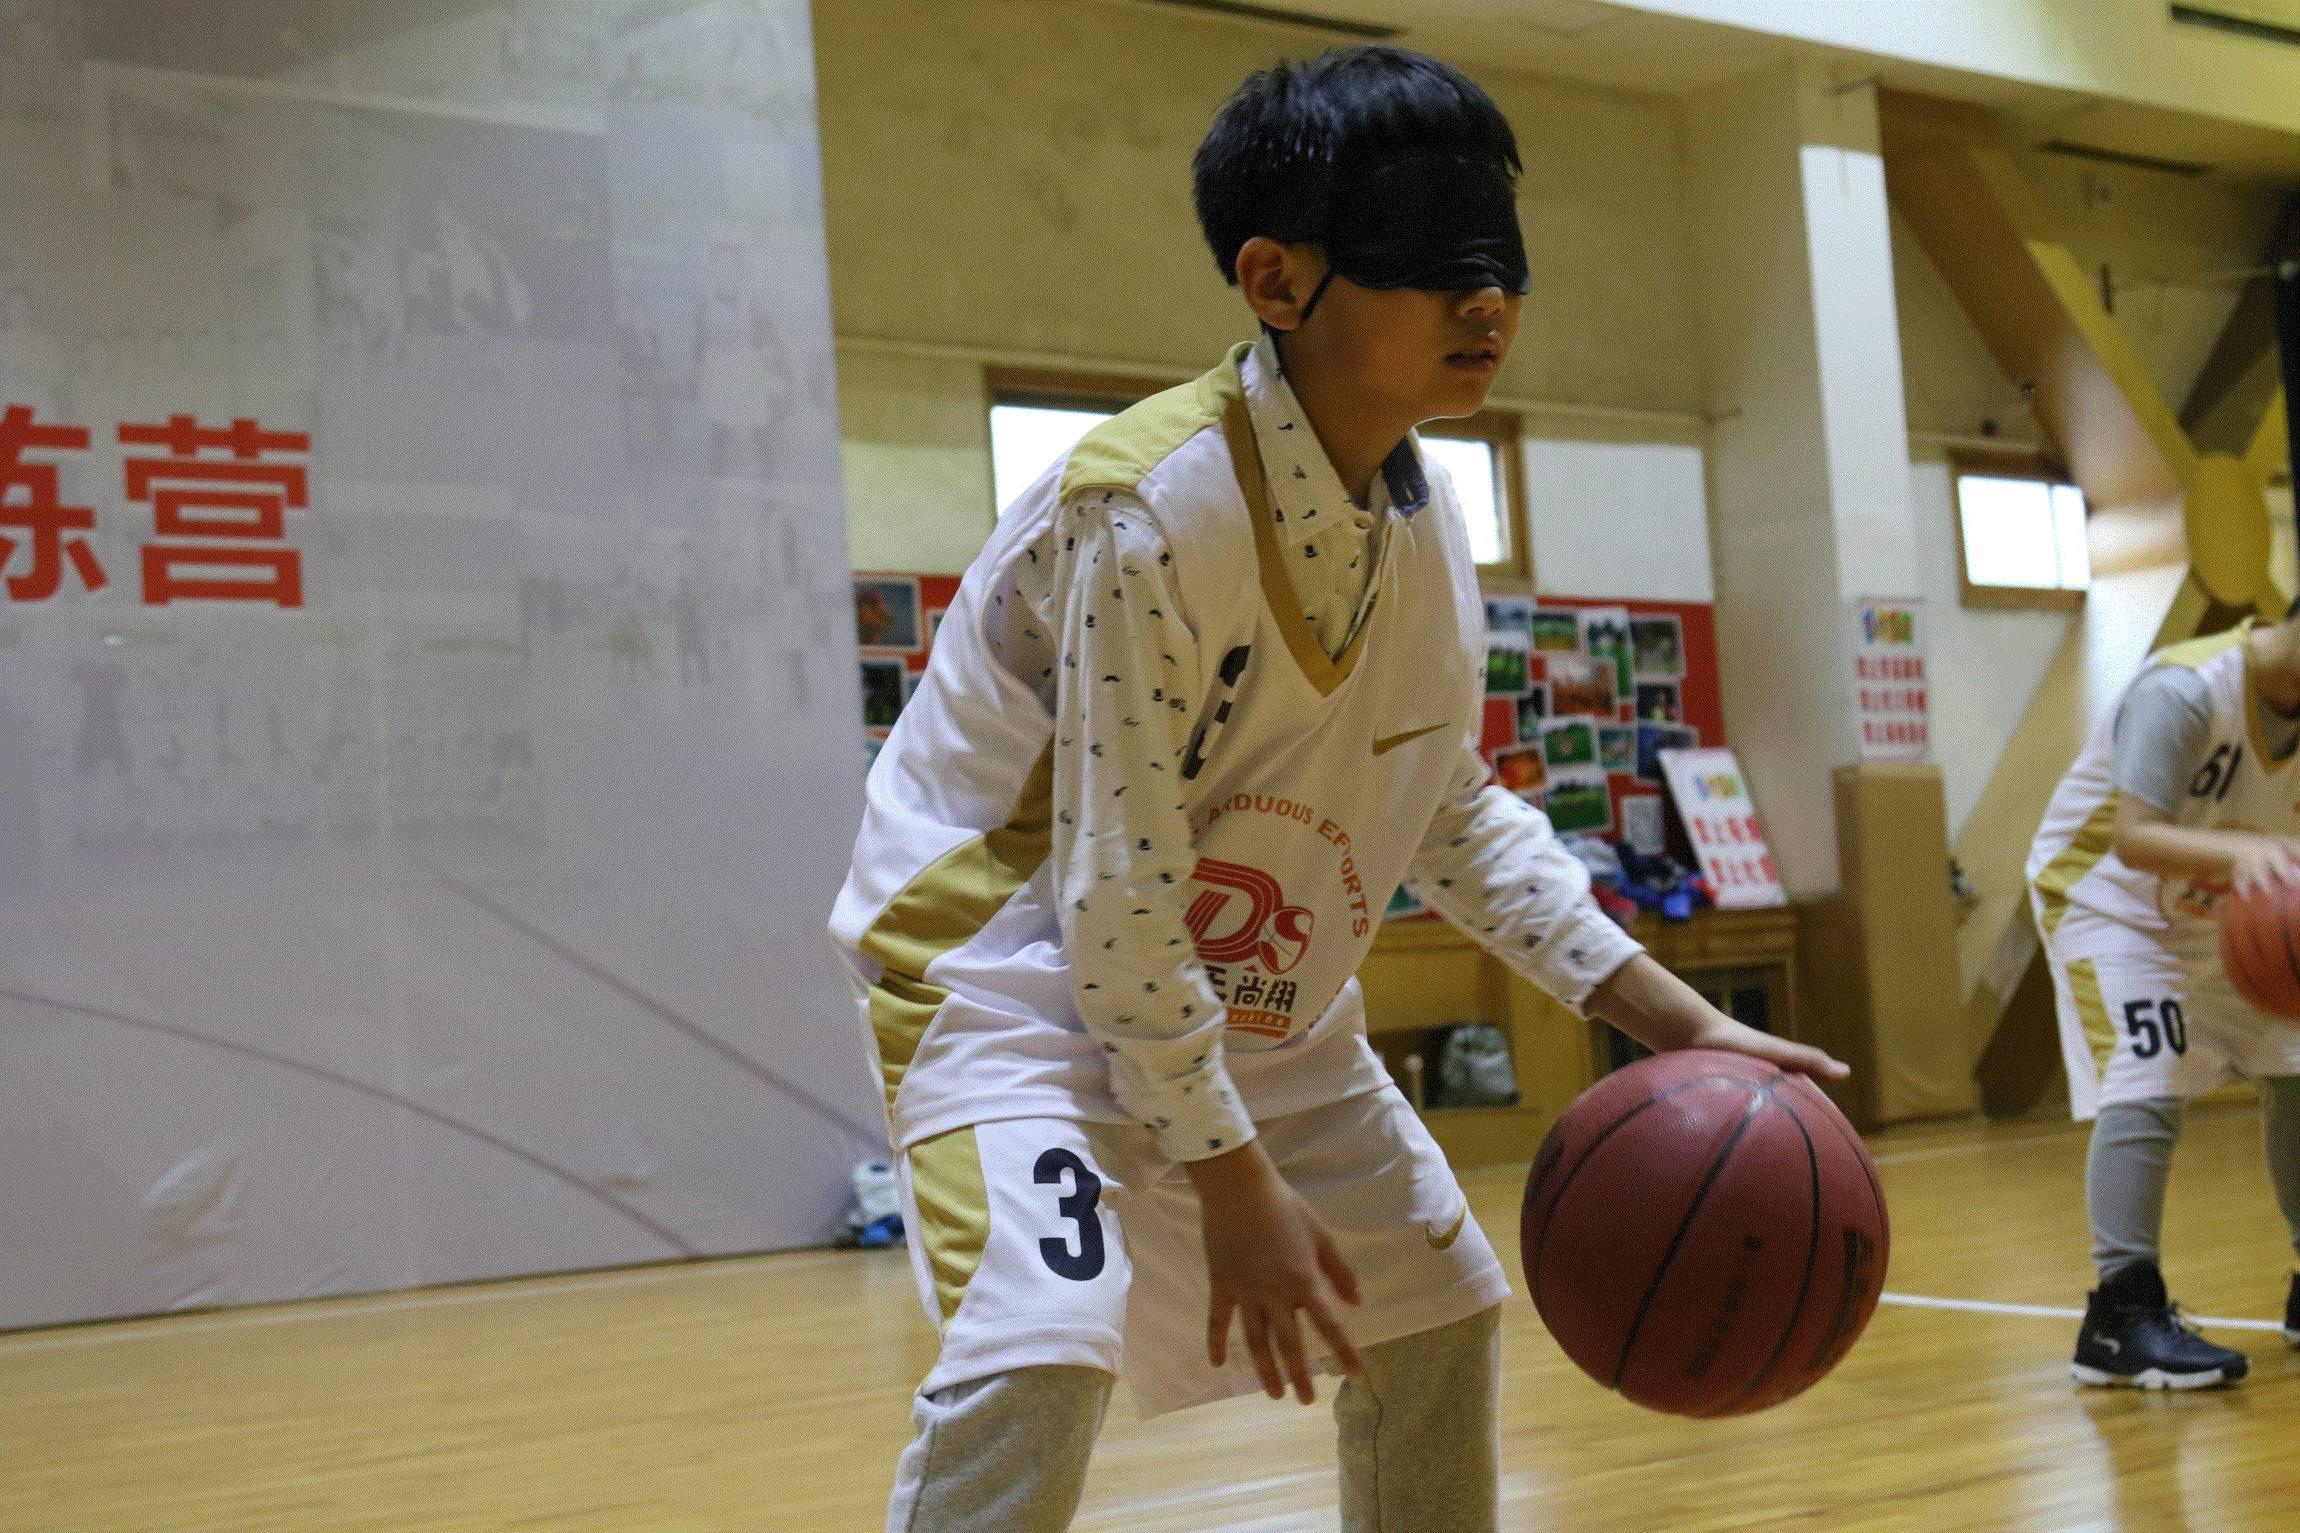 从小让孩子打篮球的好处